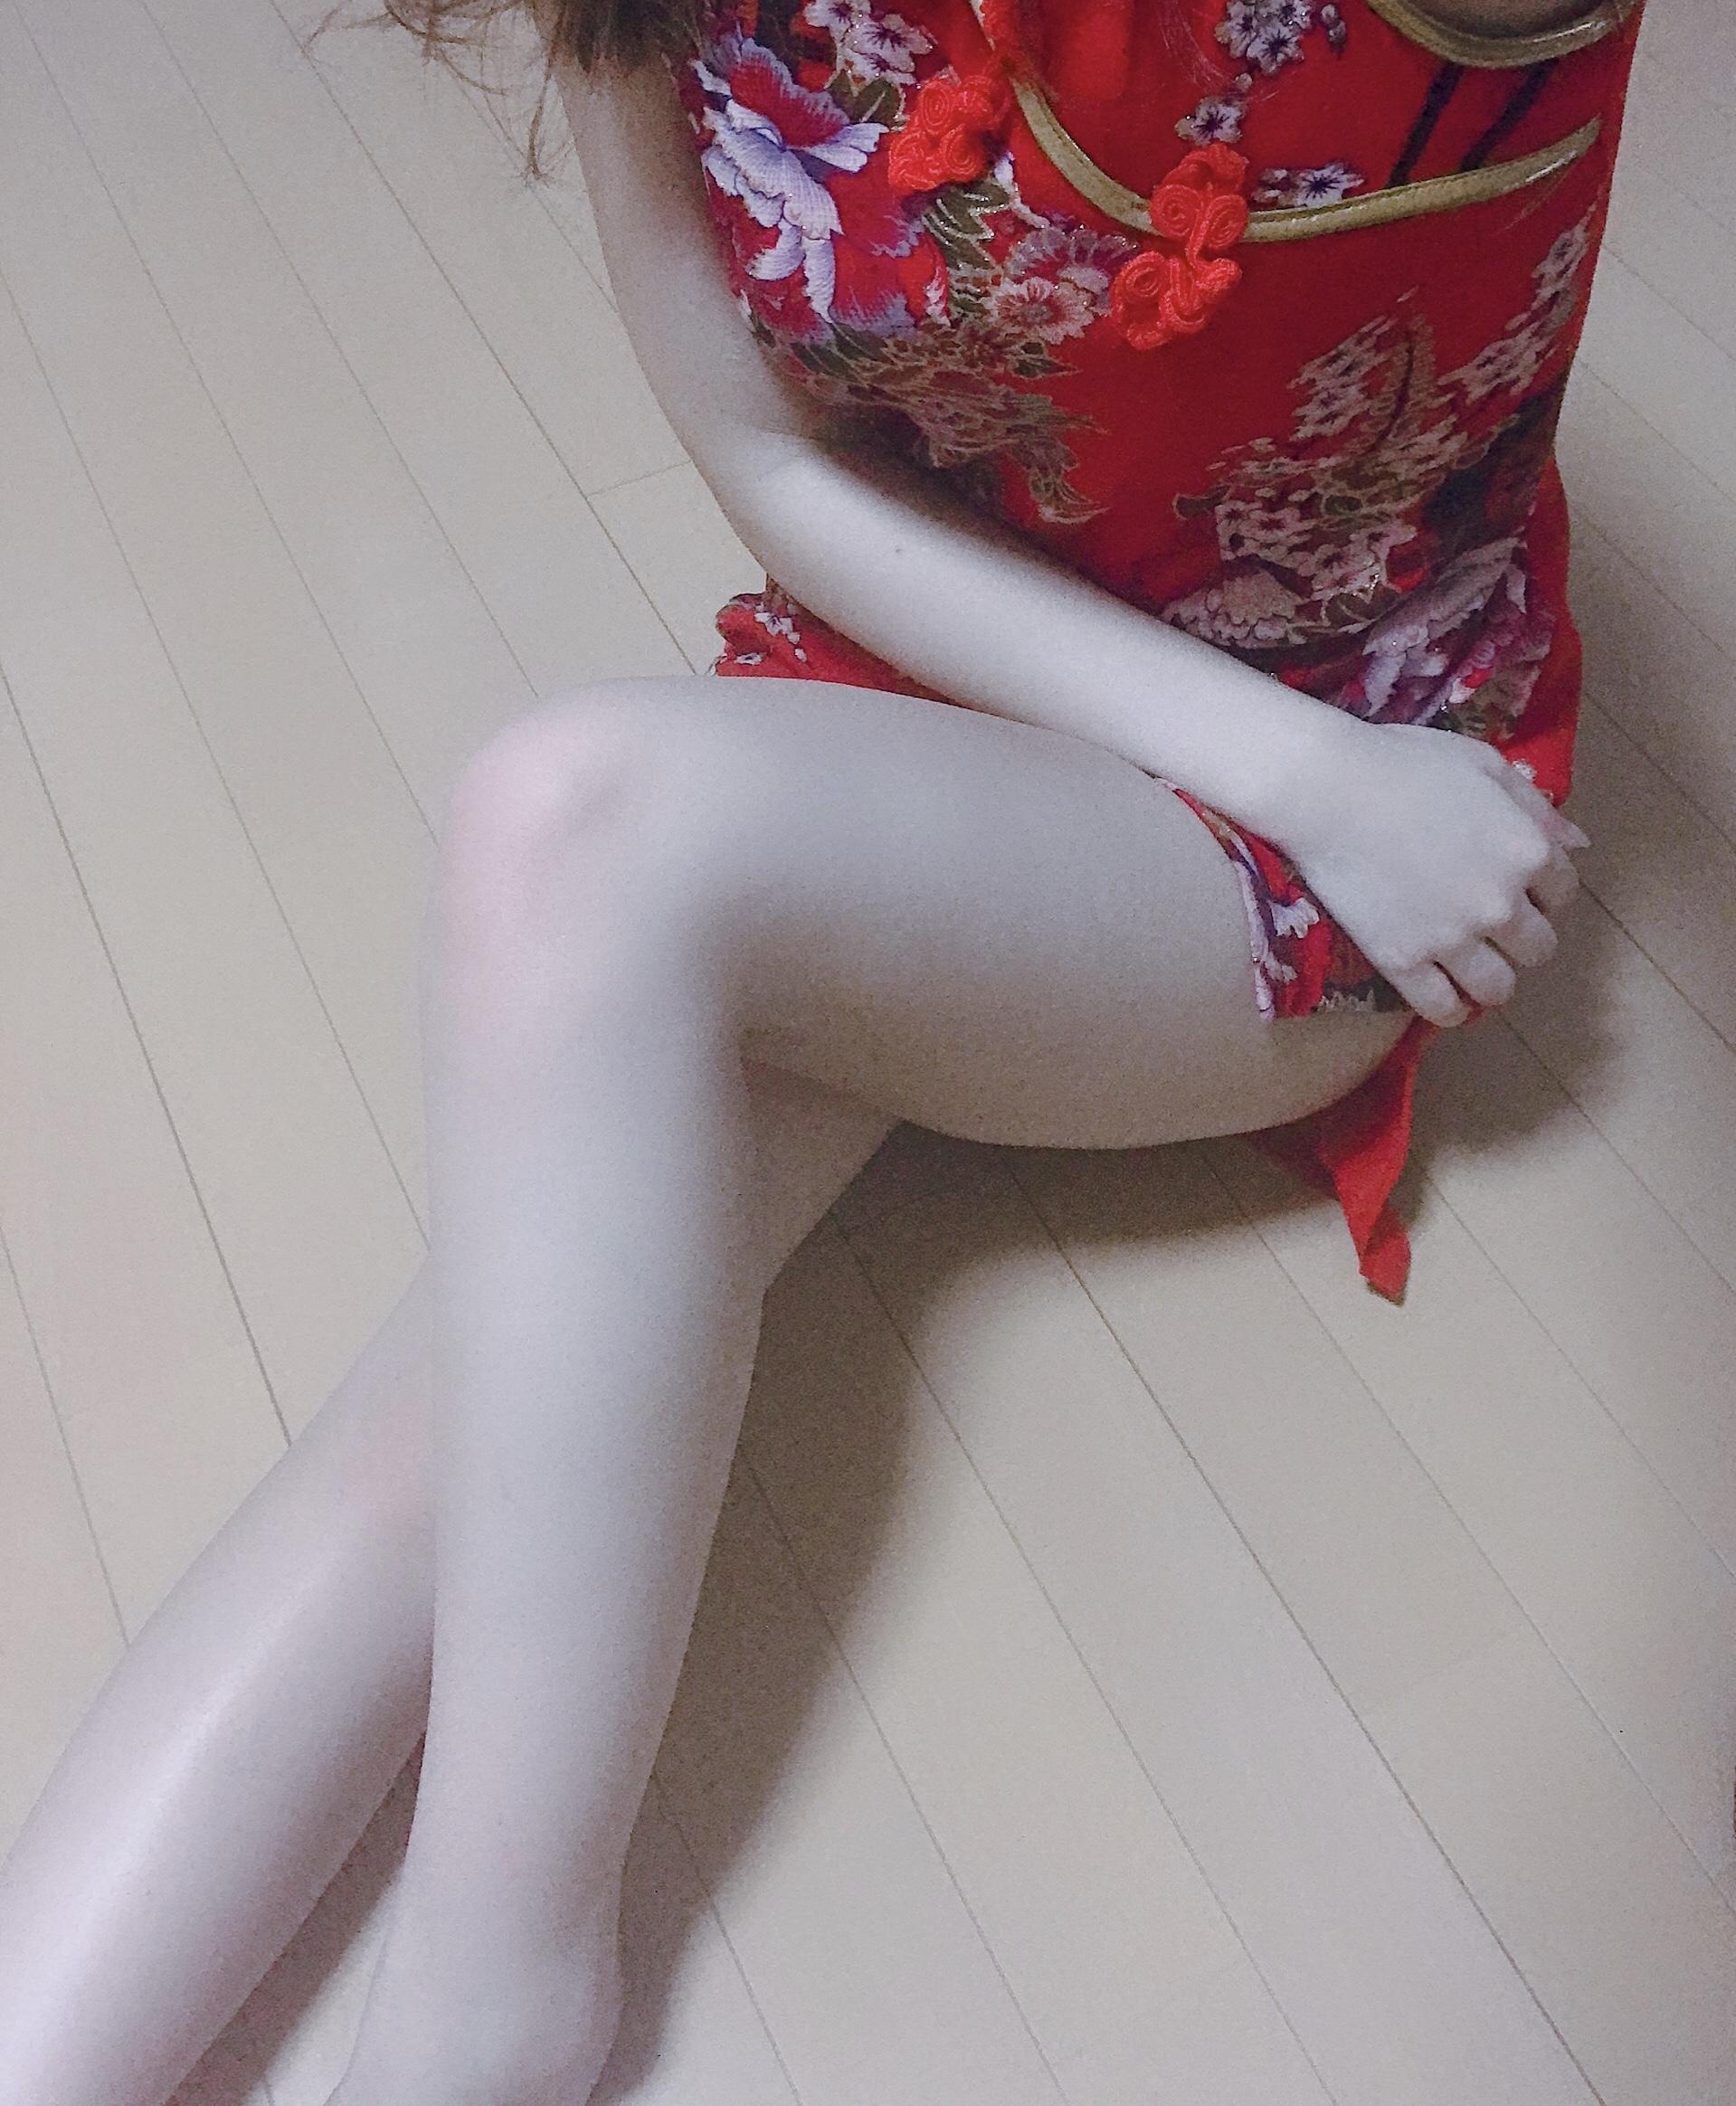 「出勤\(◡̈)/」01/13(日) 18:30 | 藤崎 あんりの写メ・風俗動画